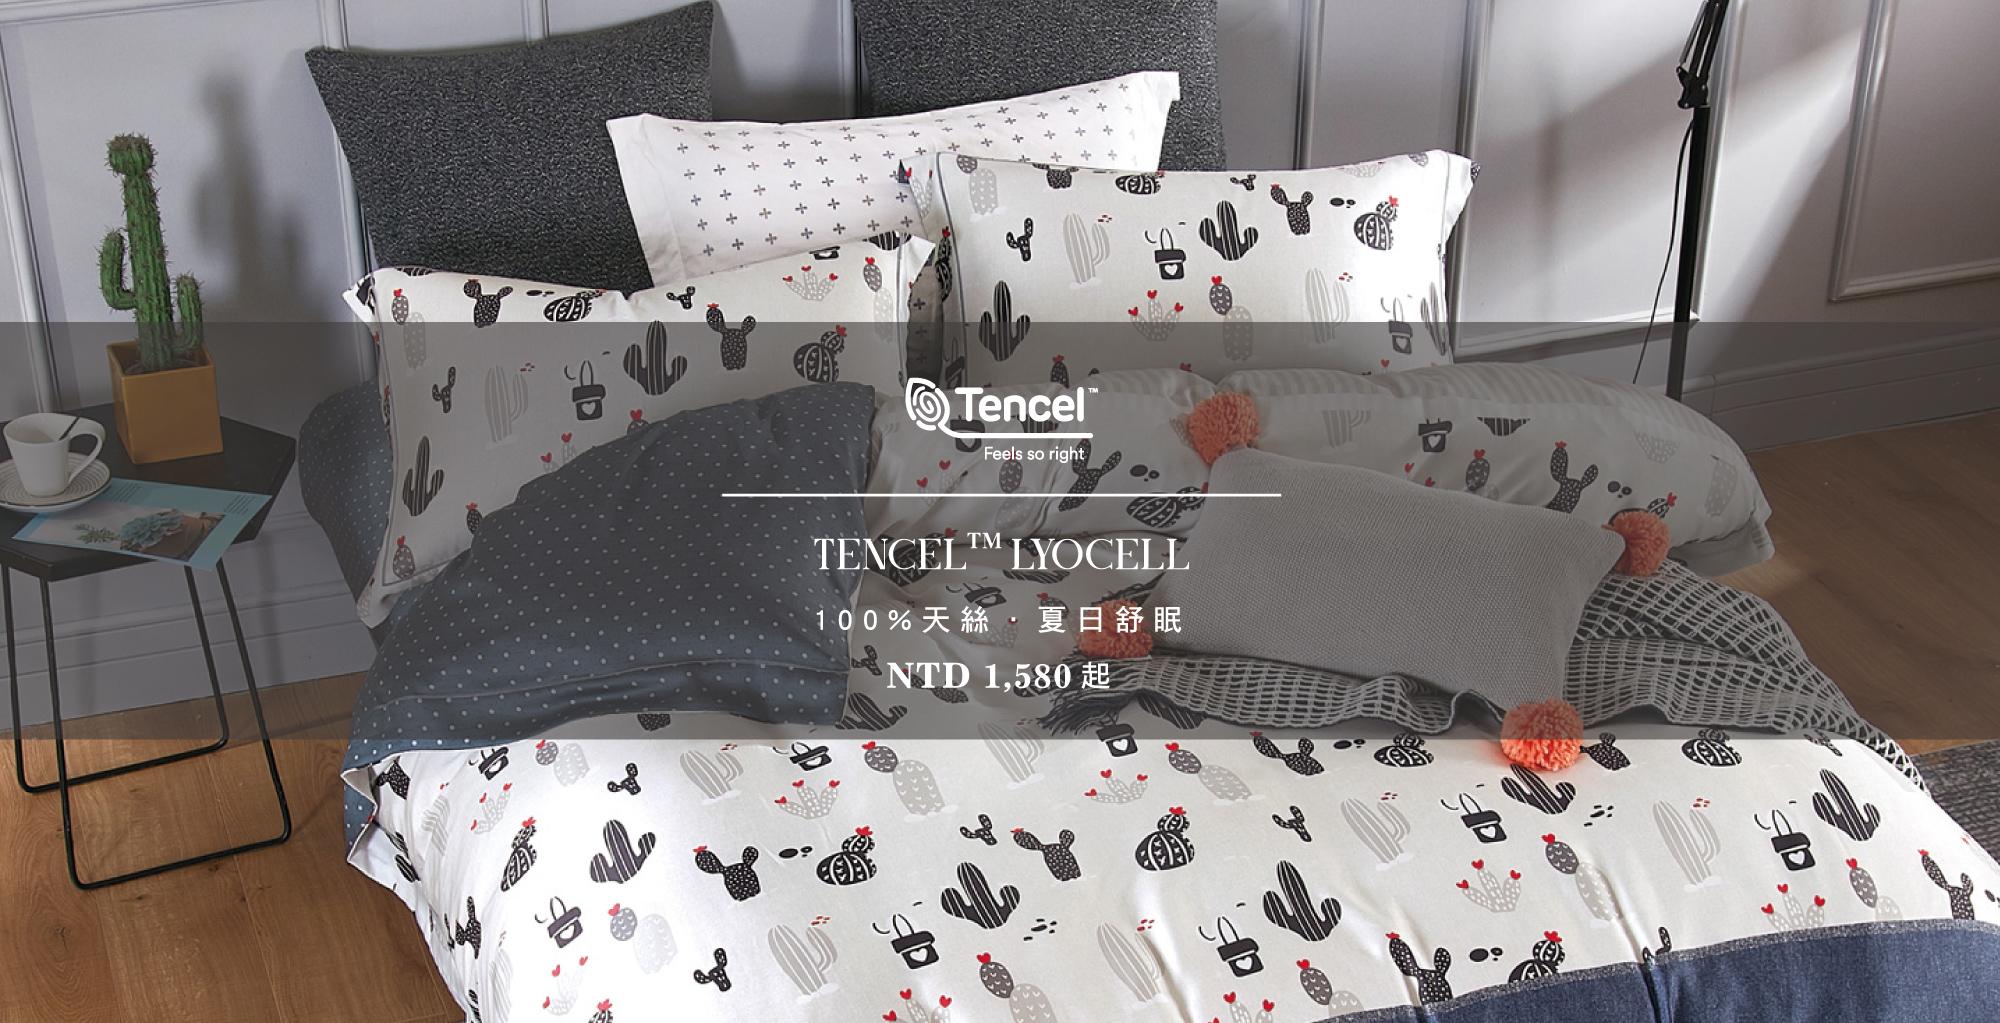 來天恩寢具購買100%天絲床組,夏日舒眠好選擇。